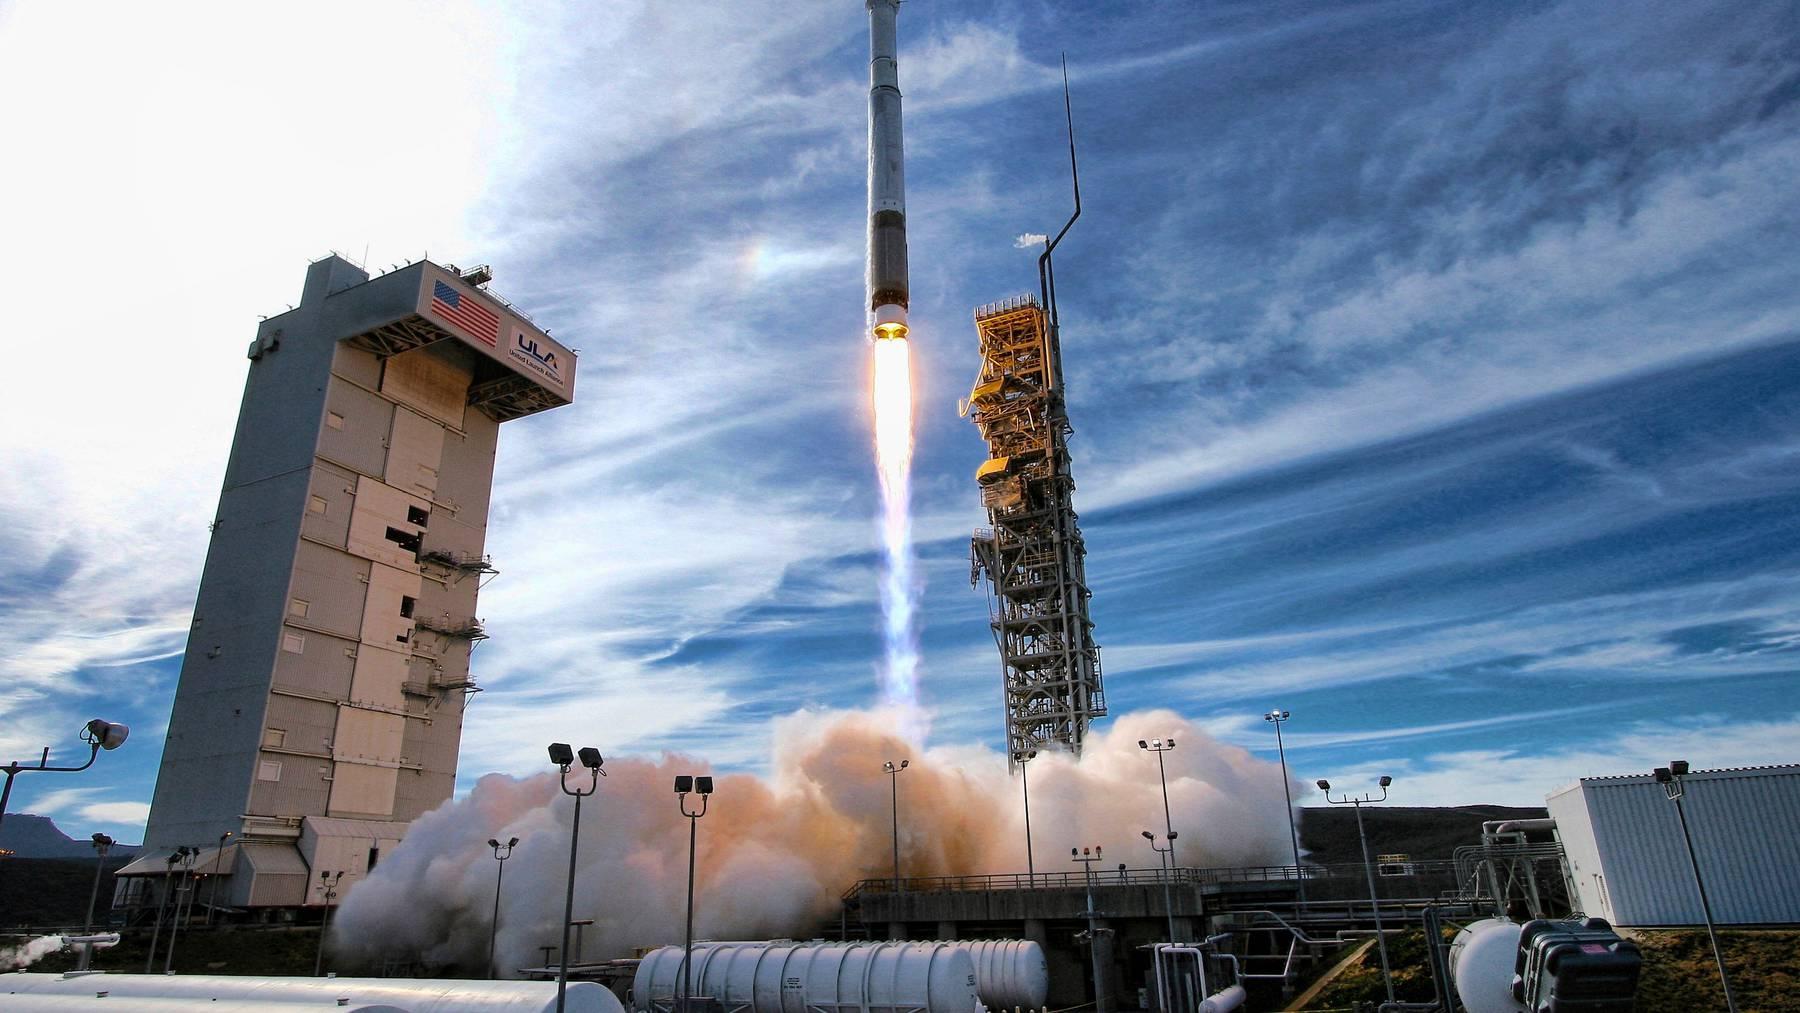 Eine Rakete bringt Satelliten in den Weltraum. (Symbolbild)